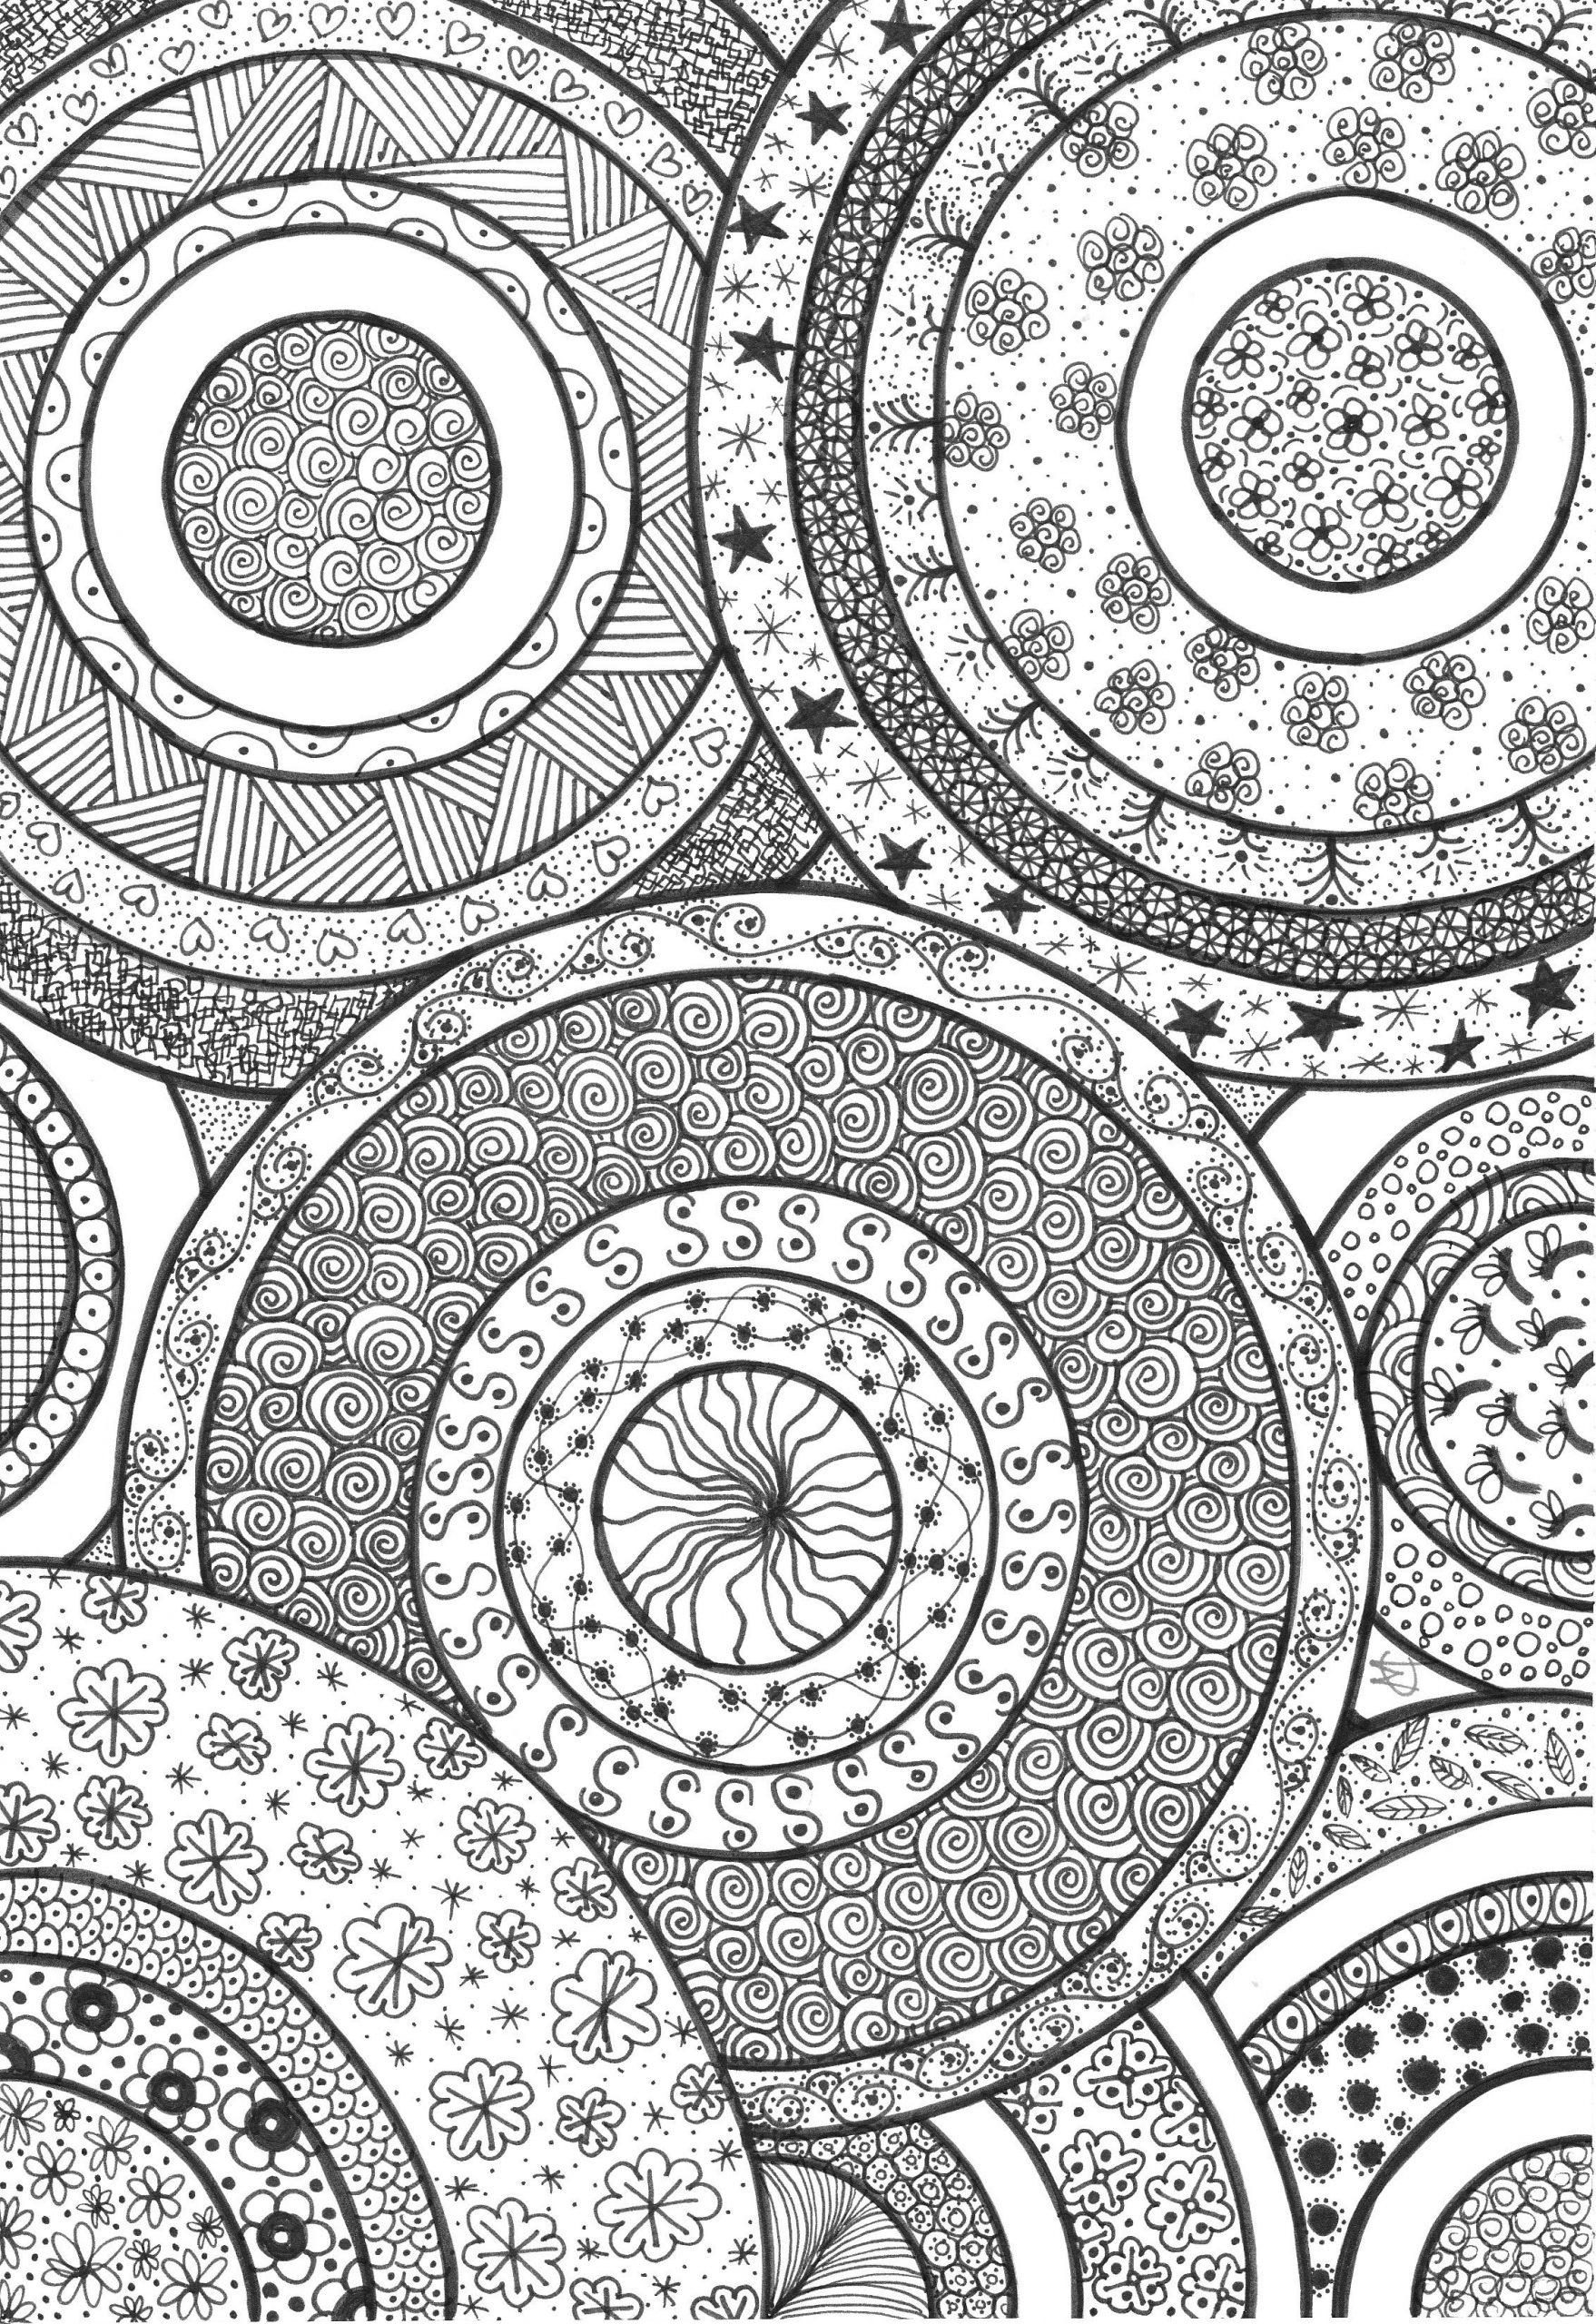 Cercles Decorats   Coloriage, Zentangle, Coloriage Anti Stress tout Coloriage Graphique